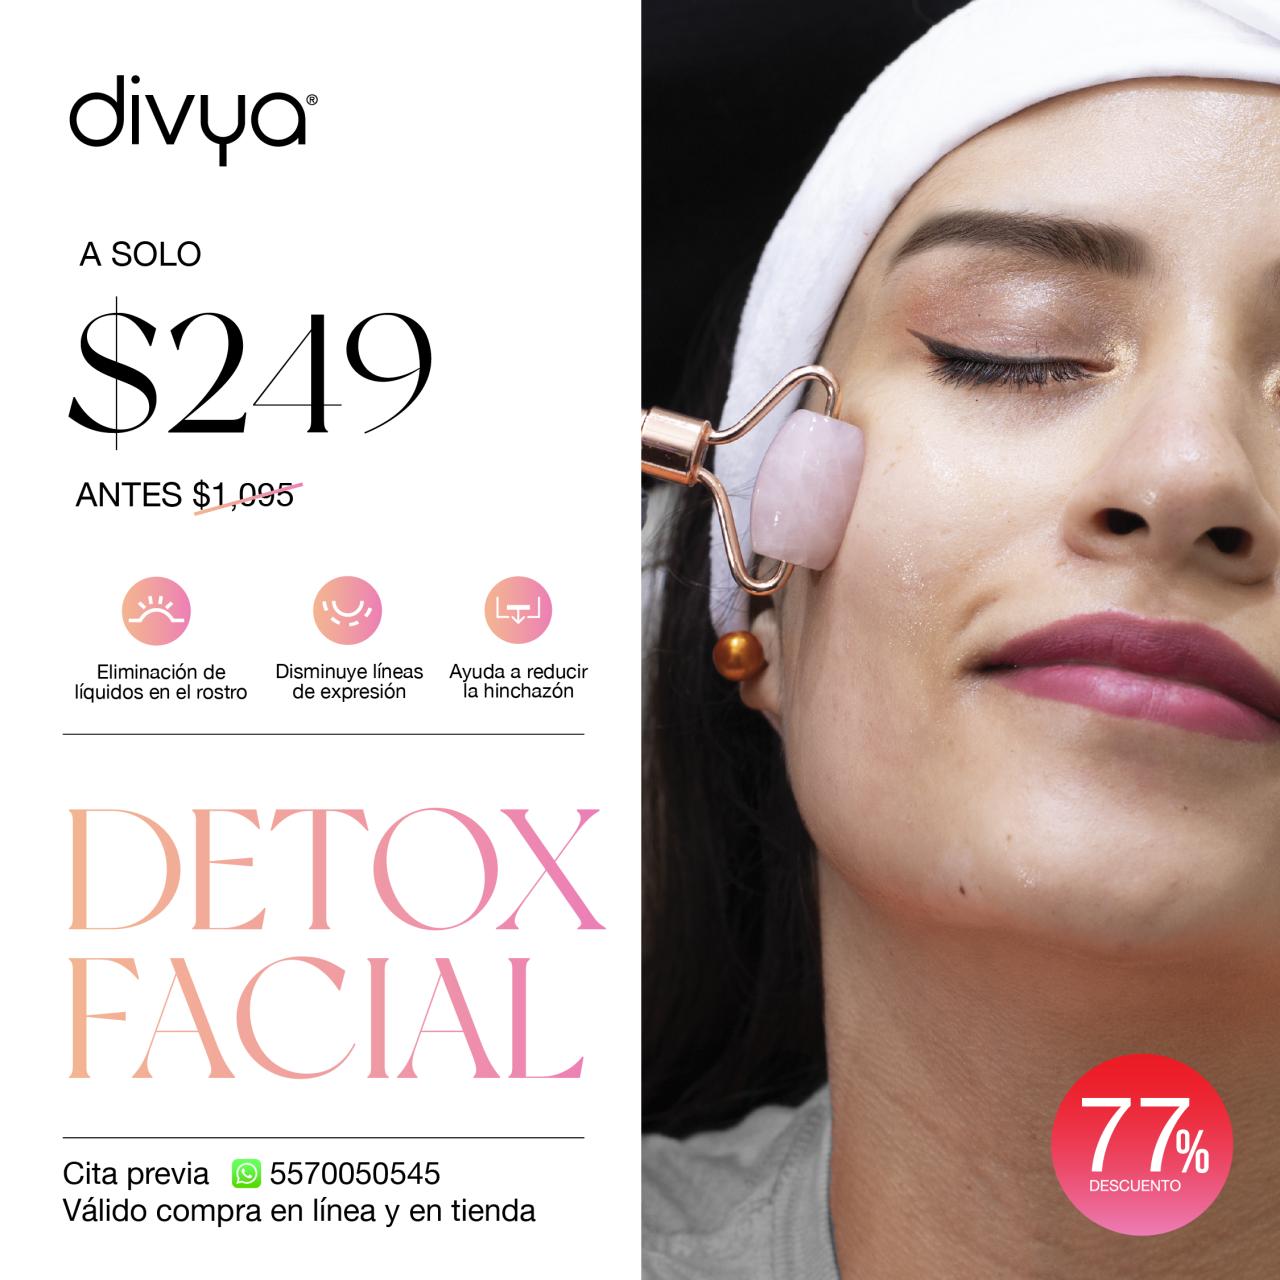 Detox Facial- Sólo Centro Comercial Santa Fe&w=900&h=900&fit=crop